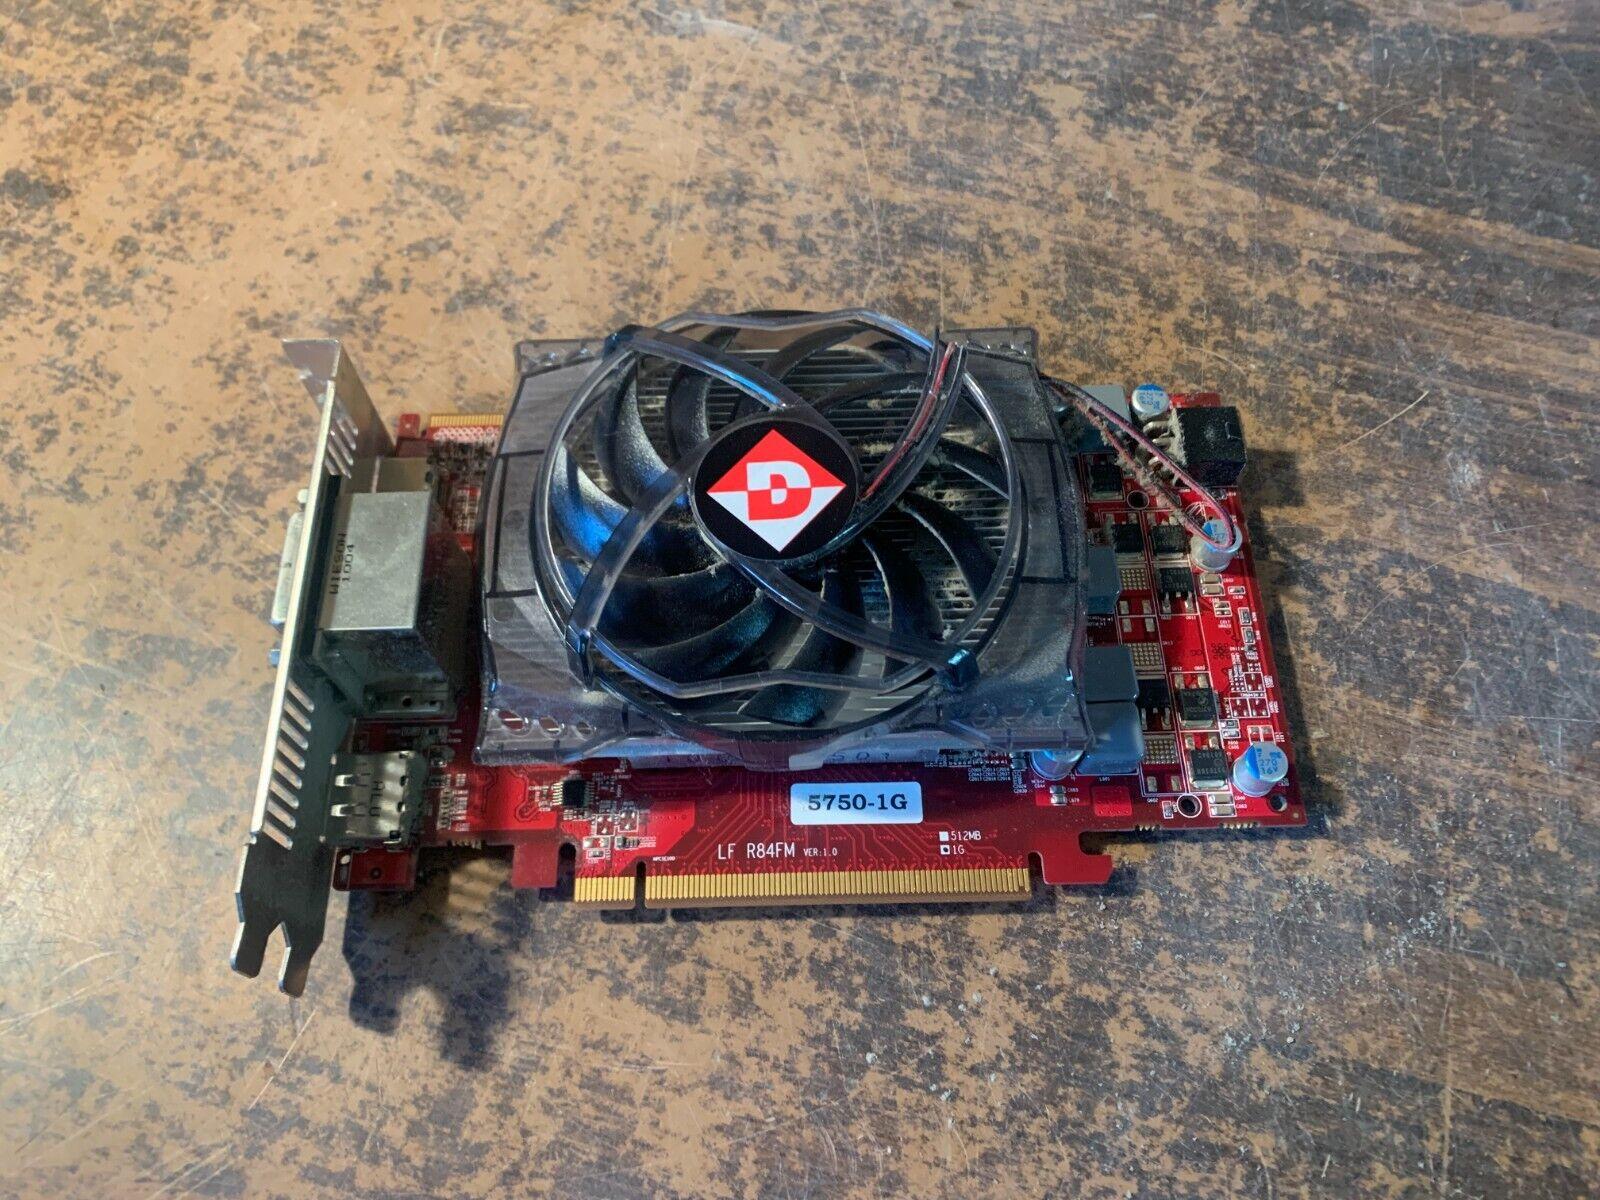 DIAMOND Radeon HD 5750 1GB DirectX 11 5750PE51G 128-Bit GDDR5 PCI Express 2.0 x1